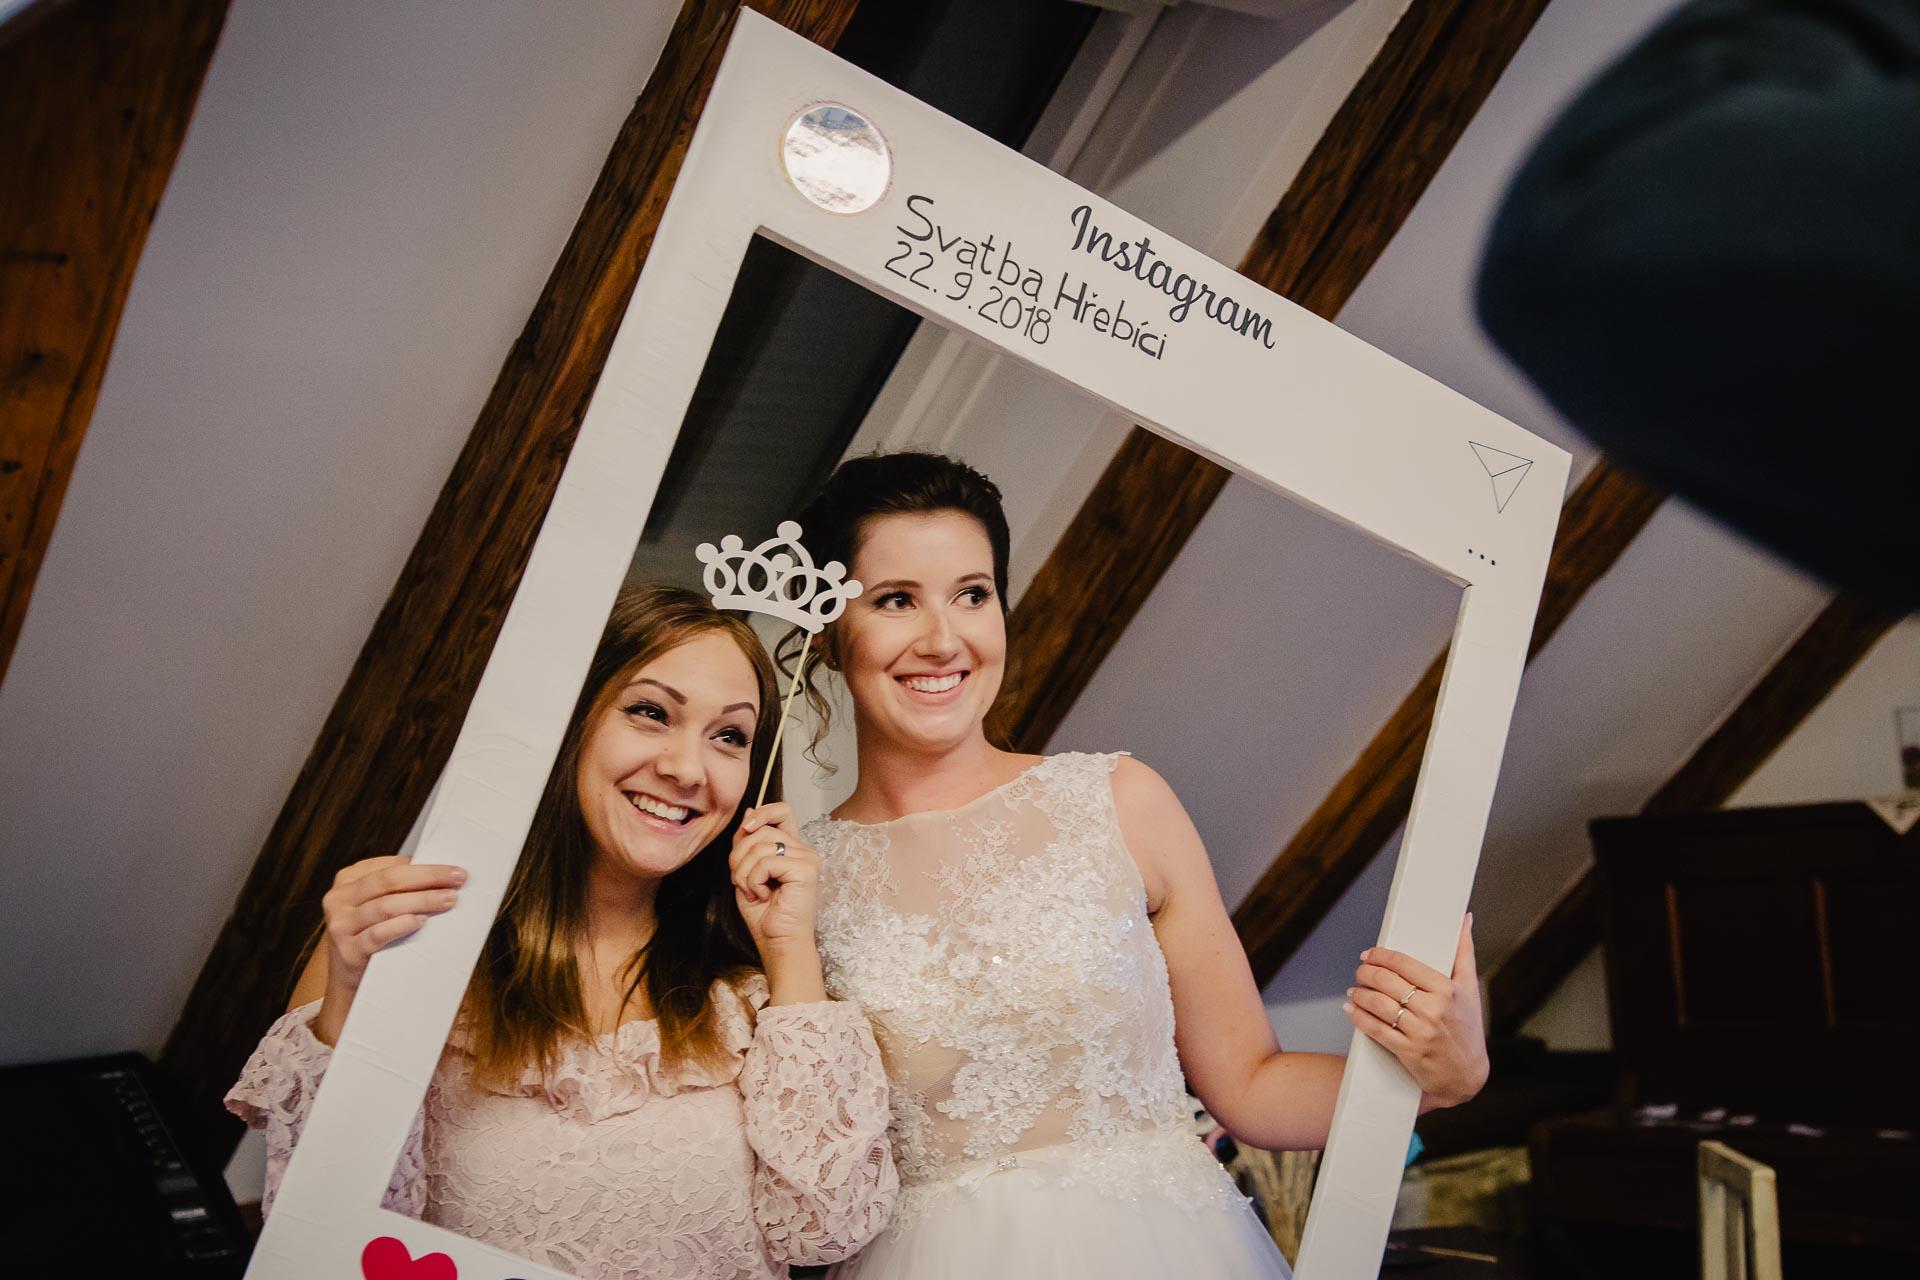 svatební fotograf Praha,svatba střední čechy, církevní obřad, svatba v kostele, nejhezčí svatební fotografie-3345